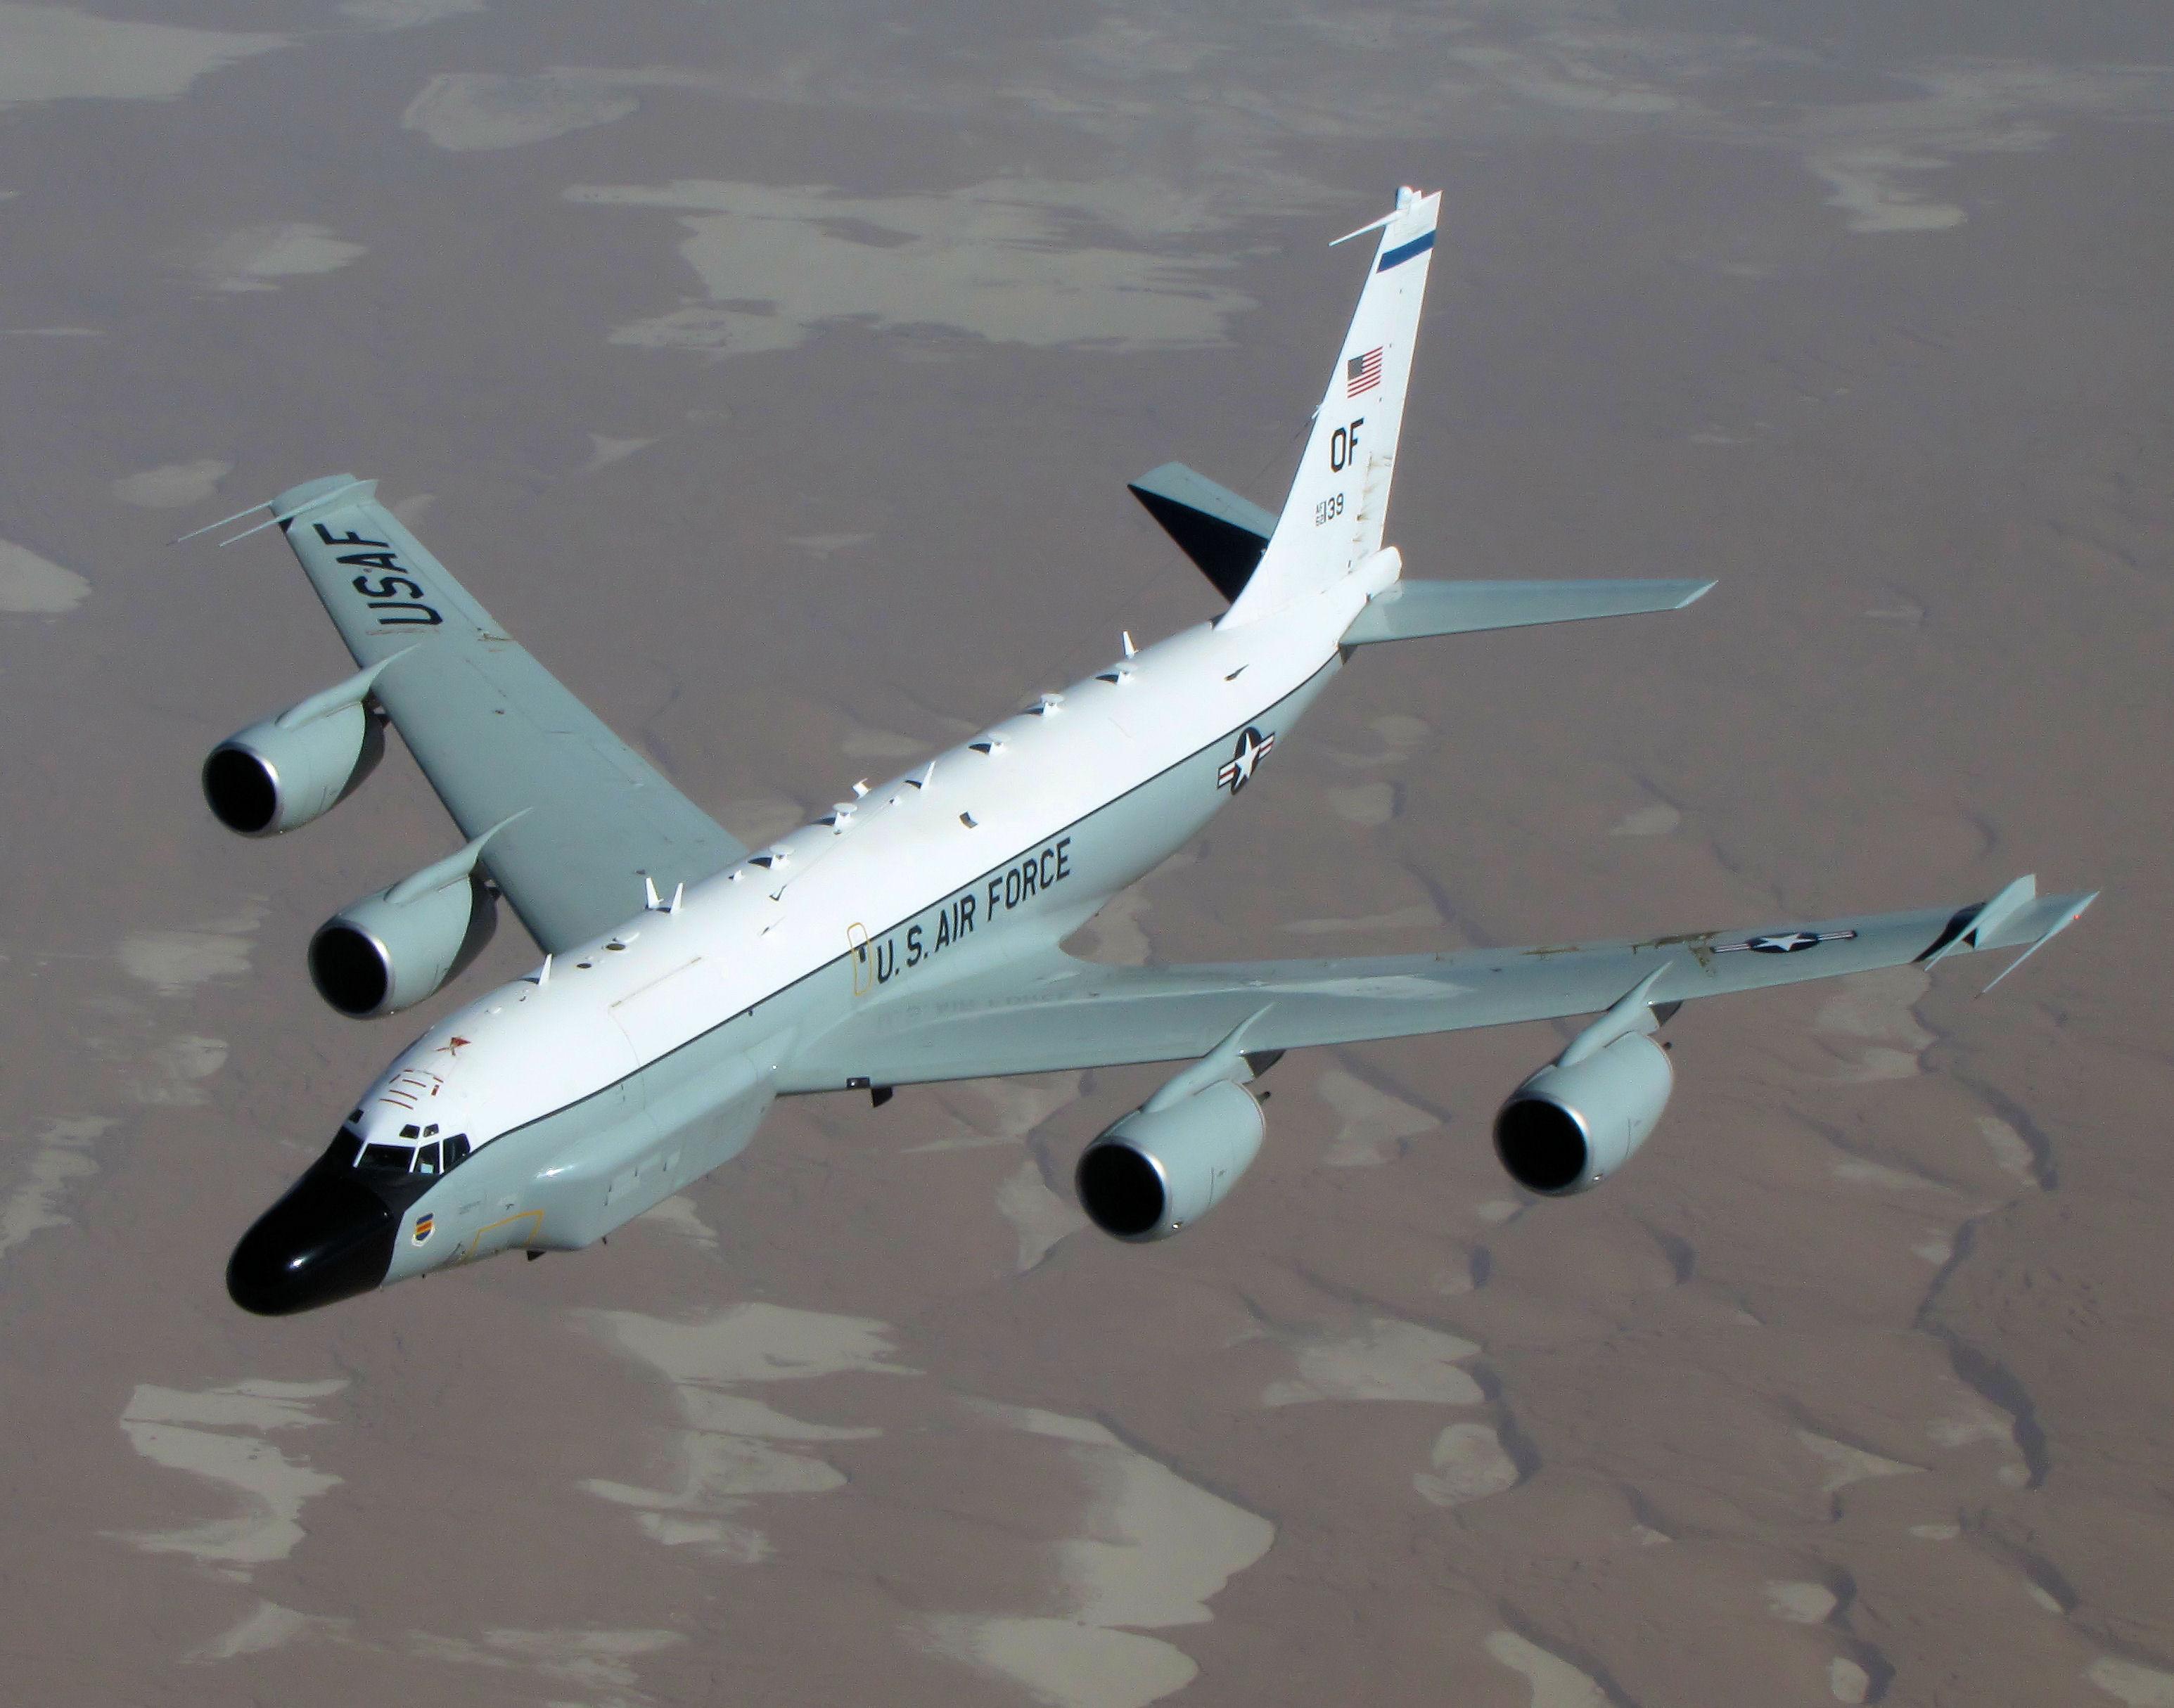 122105-F-PB123-001 Оросын сөнөөгч онгоц Америкийн тагнуулын онгоцыг саатуулжээ